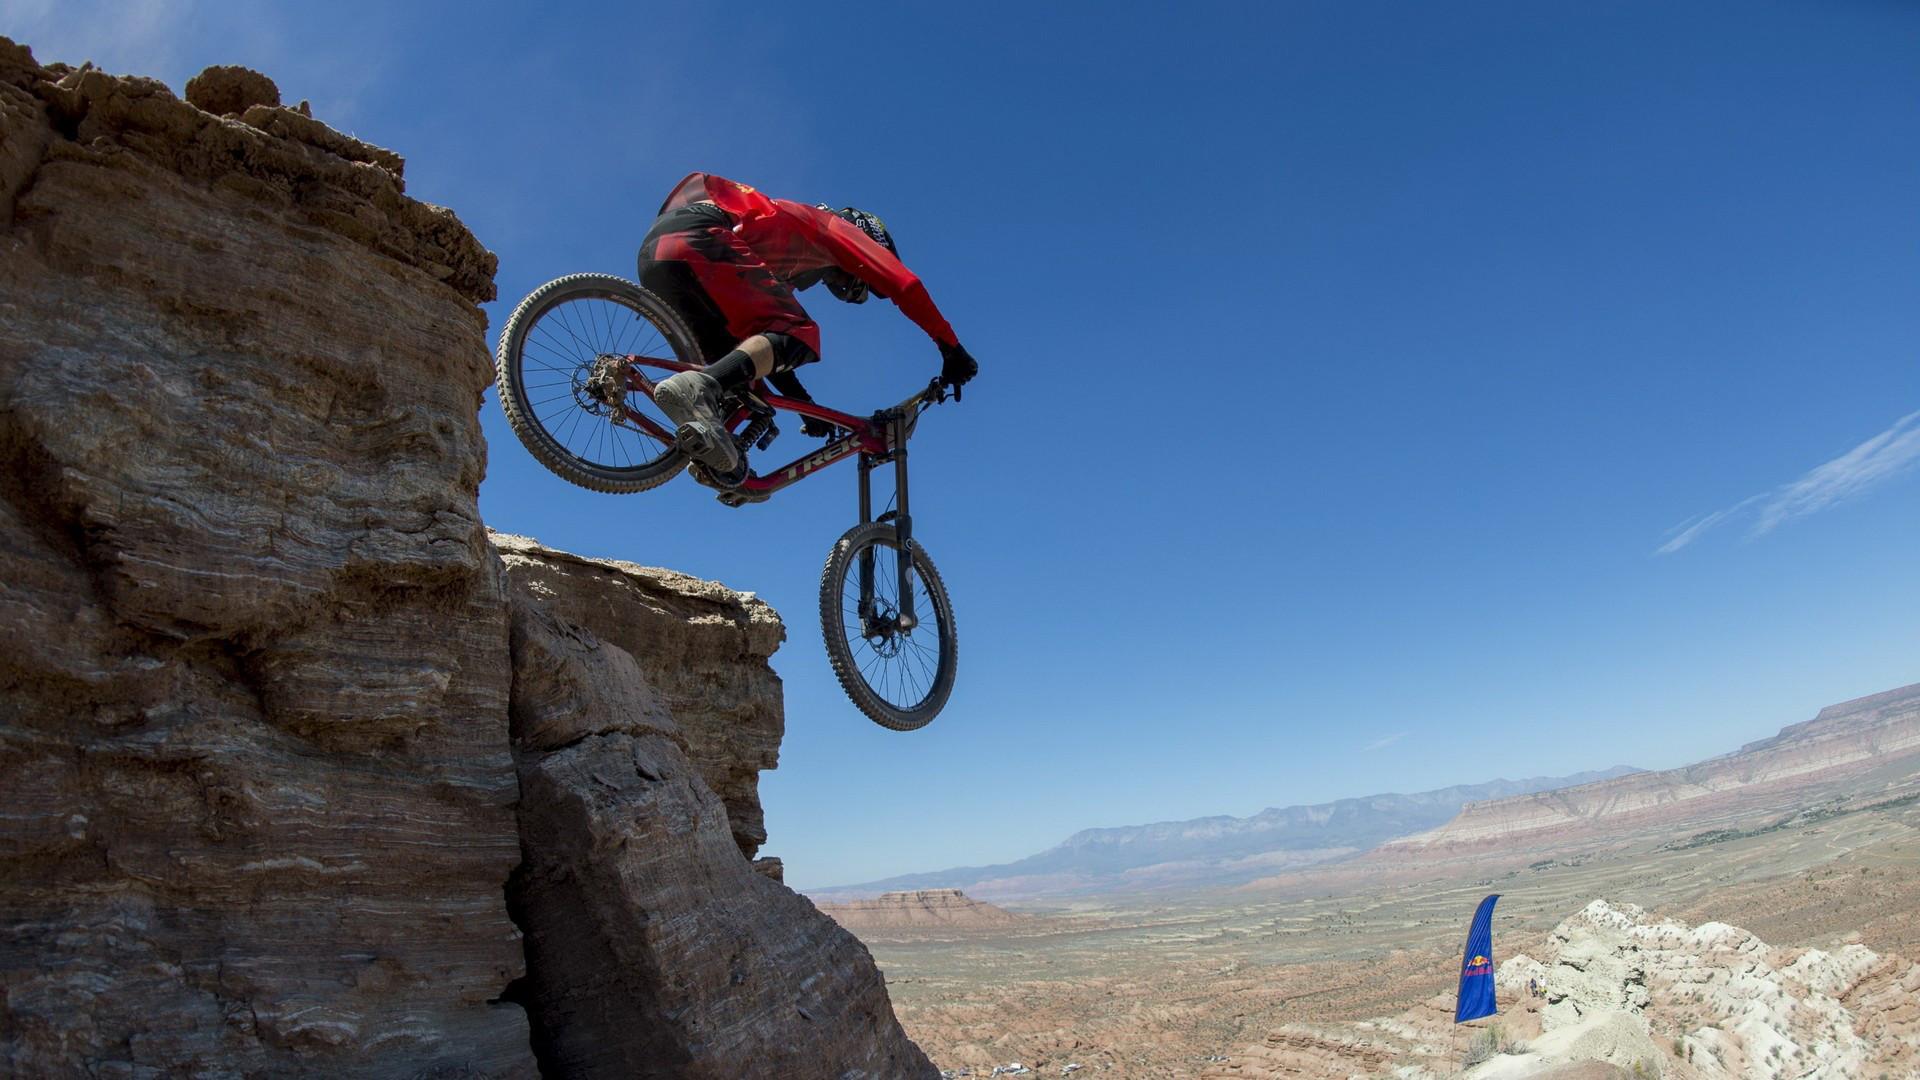 Hình ảnh xe đạp leo núi